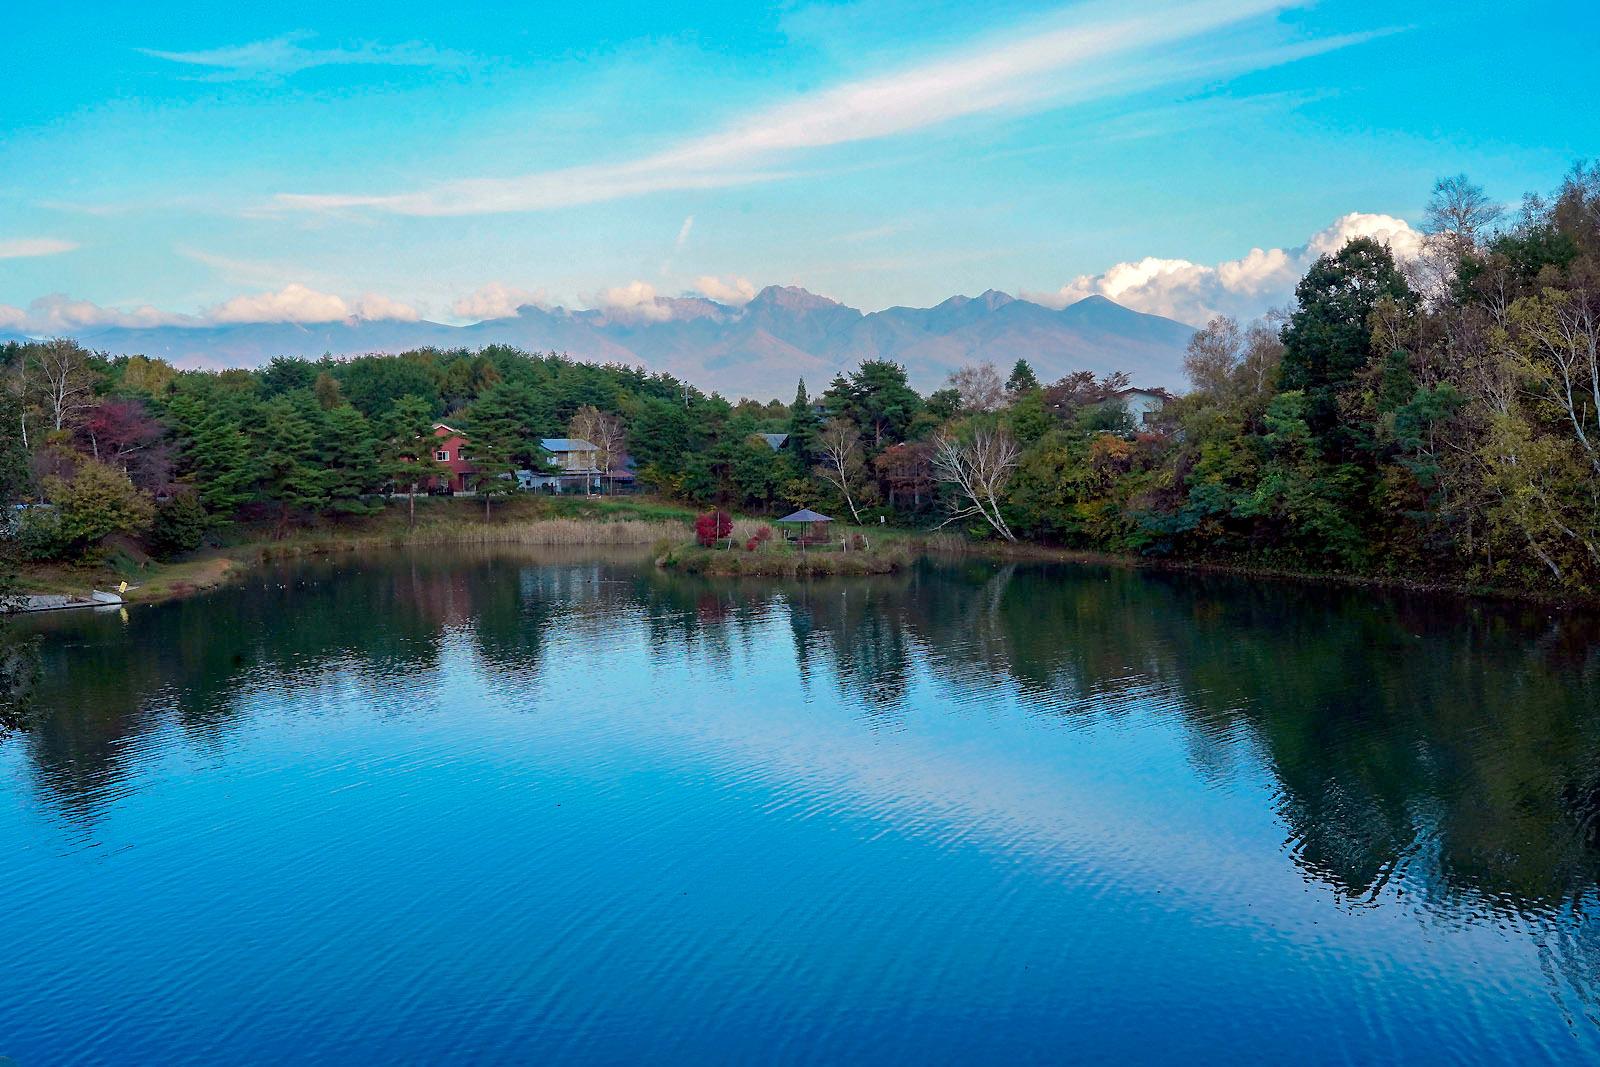 191028夕暮れ前の鏡湖_e0367501_10394949.jpg